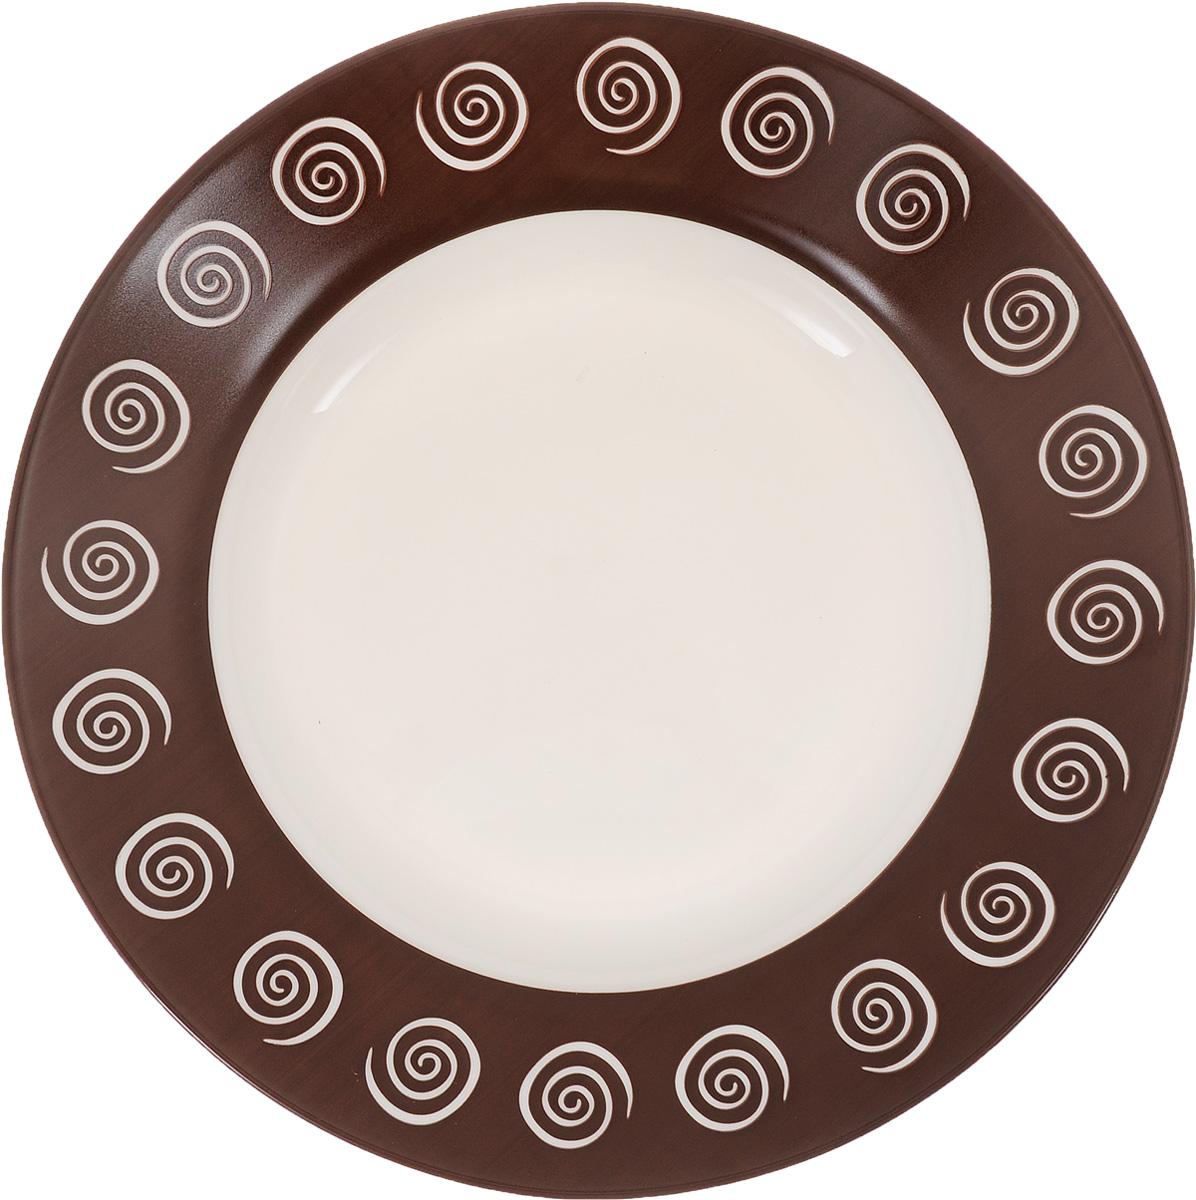 Тарелка глубокая Luminarc Sirocco, цвет: темно-коричневый, белый, диаметр 22 см993016902_вид 1Глубокая тарелка Luminarc Sirocco выполнена изударопрочного стекла и оформлена ярким рисунком.Изделие сочетает в себе изысканный дизайн с максимальнойфункциональностью. Она прекрасно впишется винтерьер вашей кухни и станет достойным дополнениемк кухонному инвентарю. Тарелка Luminarc Sirocco подчеркнет прекрасный вкус хозяйкии станет отличным подарком. Диаметр (по верхнему краю): 22 см.Высота тарелки: 3 см.